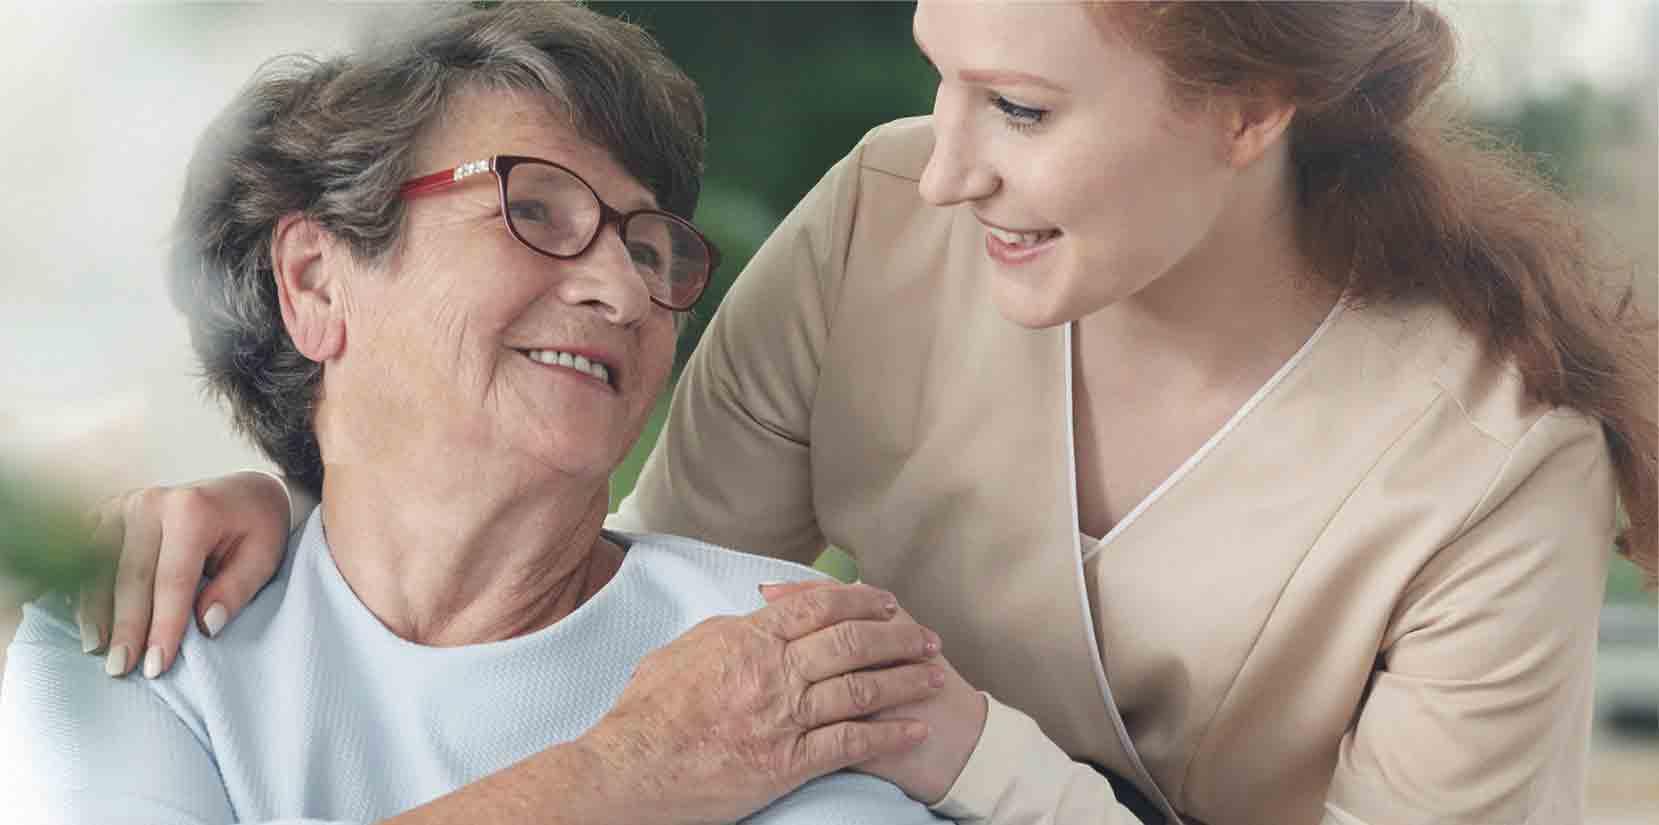 پرستار سالمند در منزل | مرکز پارسیان مهرپرور